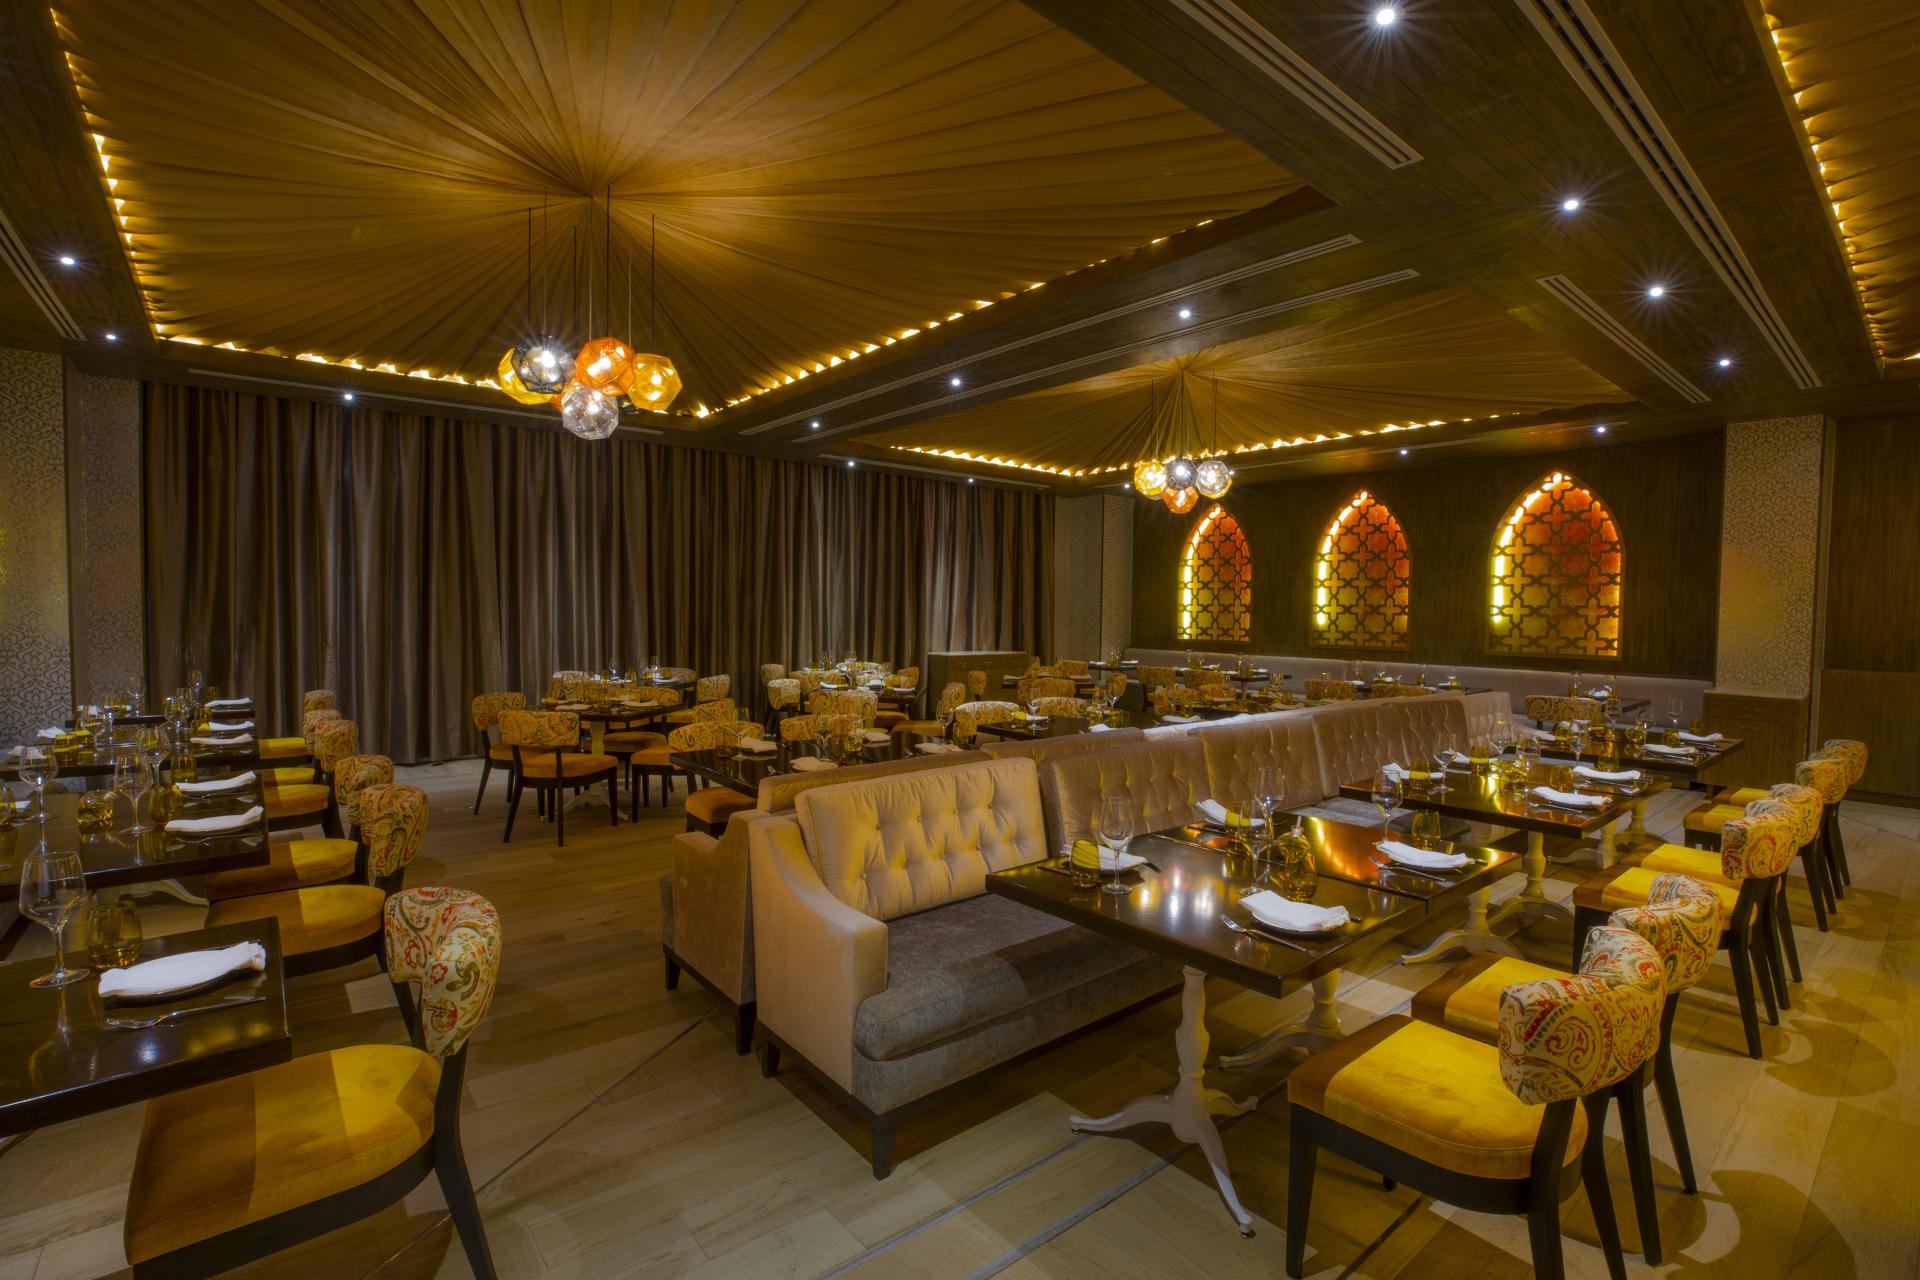 Ambiente do restaurante Habibi, especializado em culinária libanesa